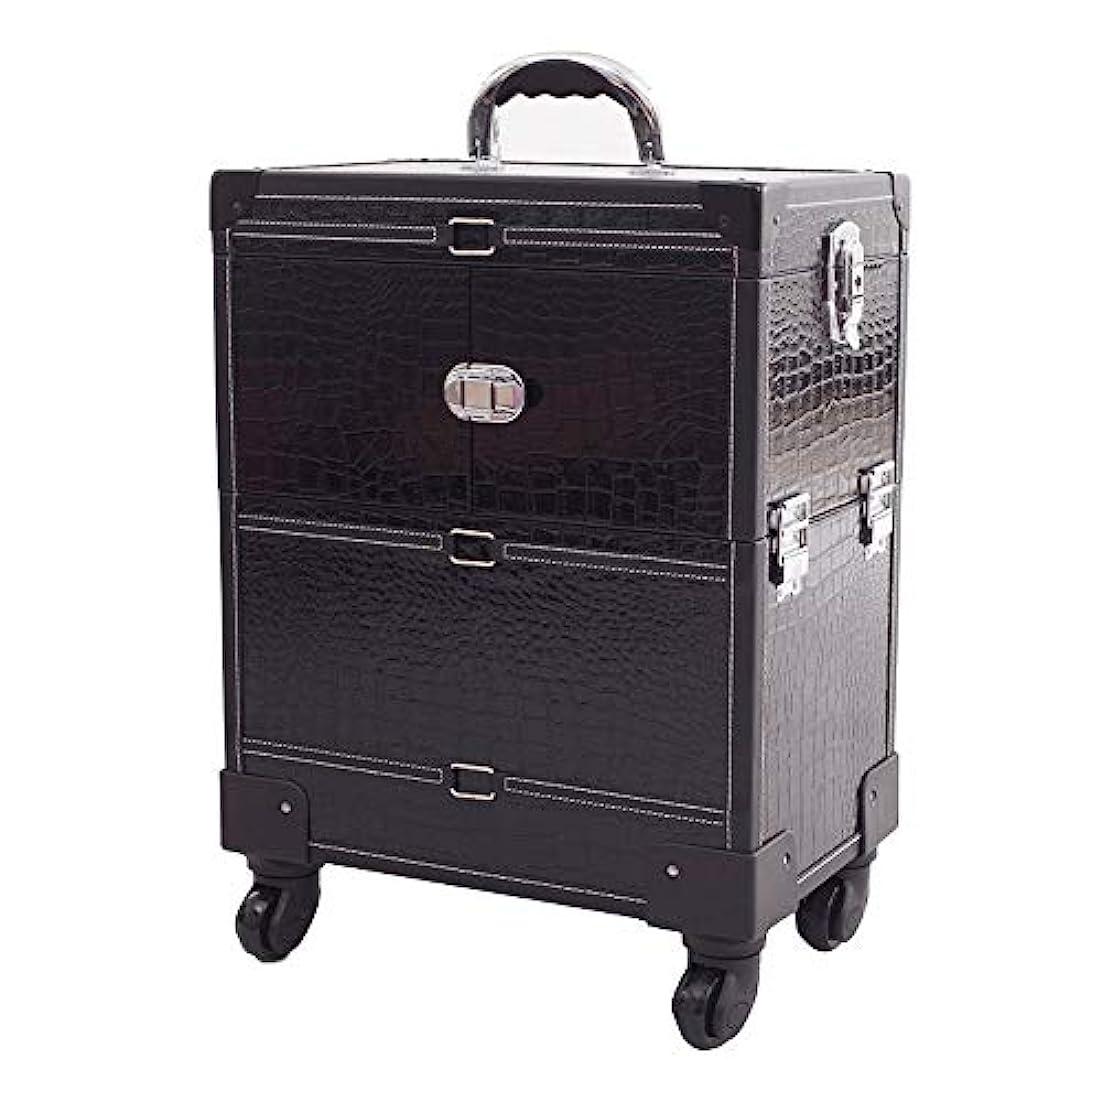 折り目慢コマースYWAWJ 旅行ボックス4ホイール美容ブラッククロコダイル柄ローリングメイクアップアーティストケースロック可能なトロリー化粧品オーガナイザー